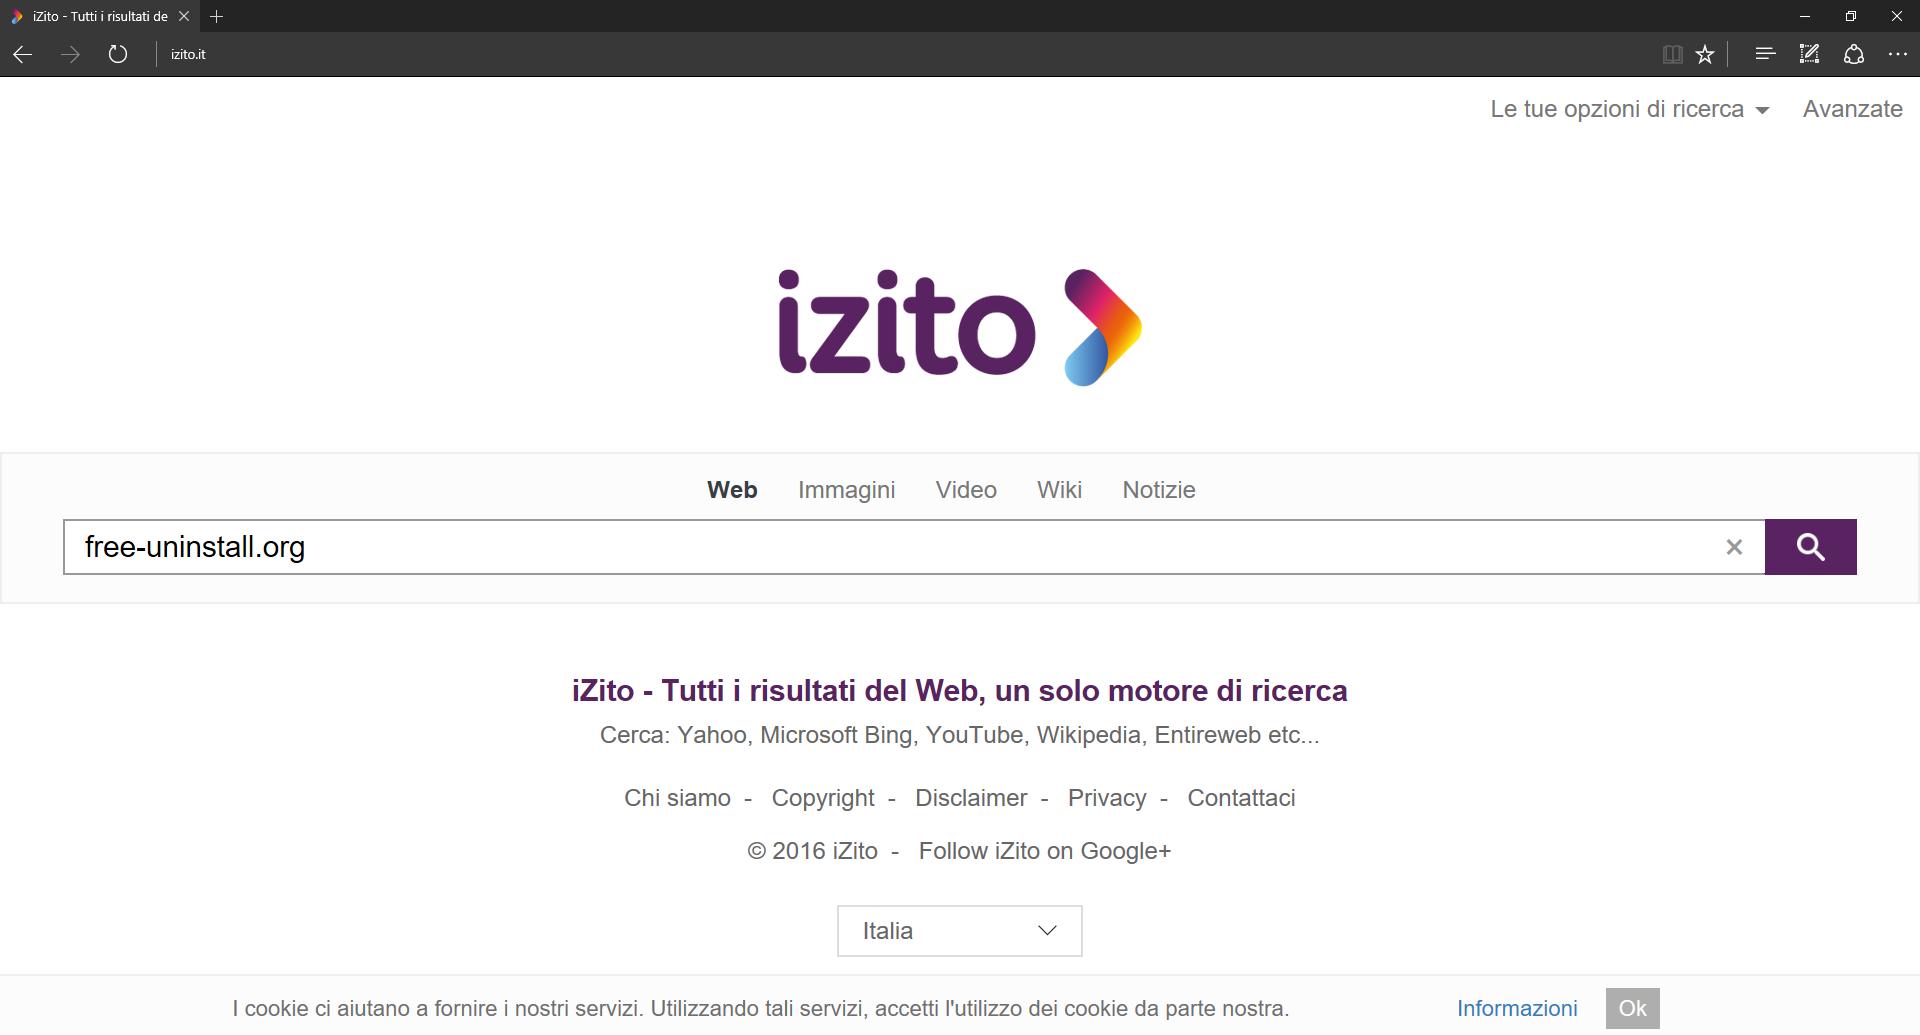 Izito.it Hijacker